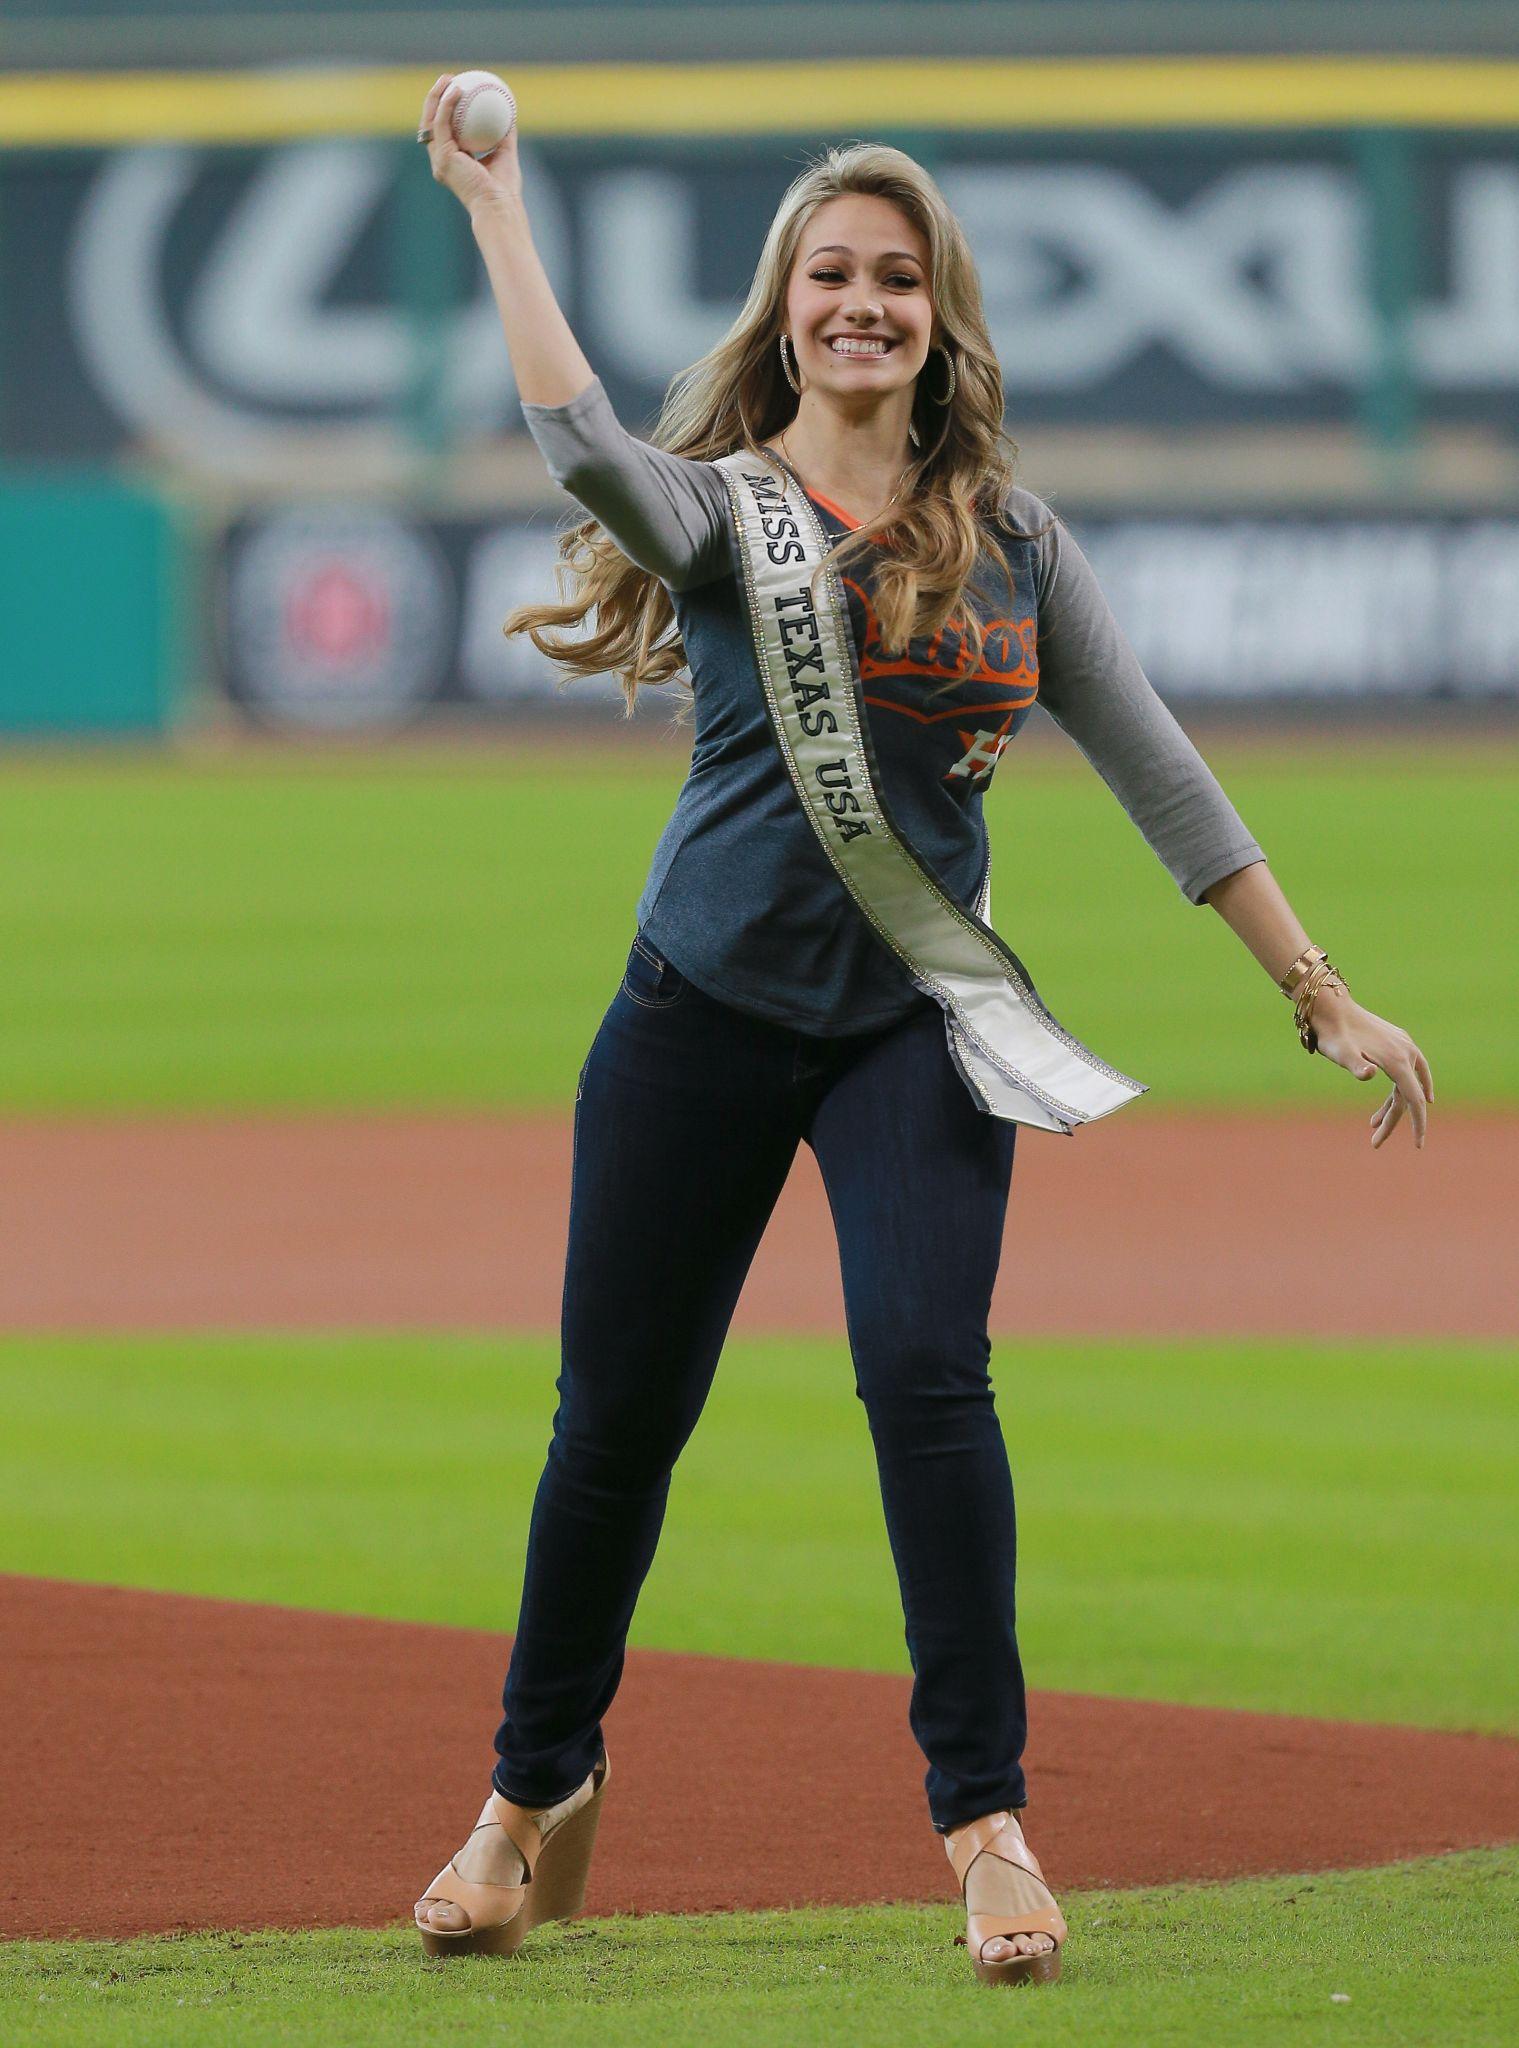 Miss Texas Daniella Rodriguez Throws A Dismal First Pitch